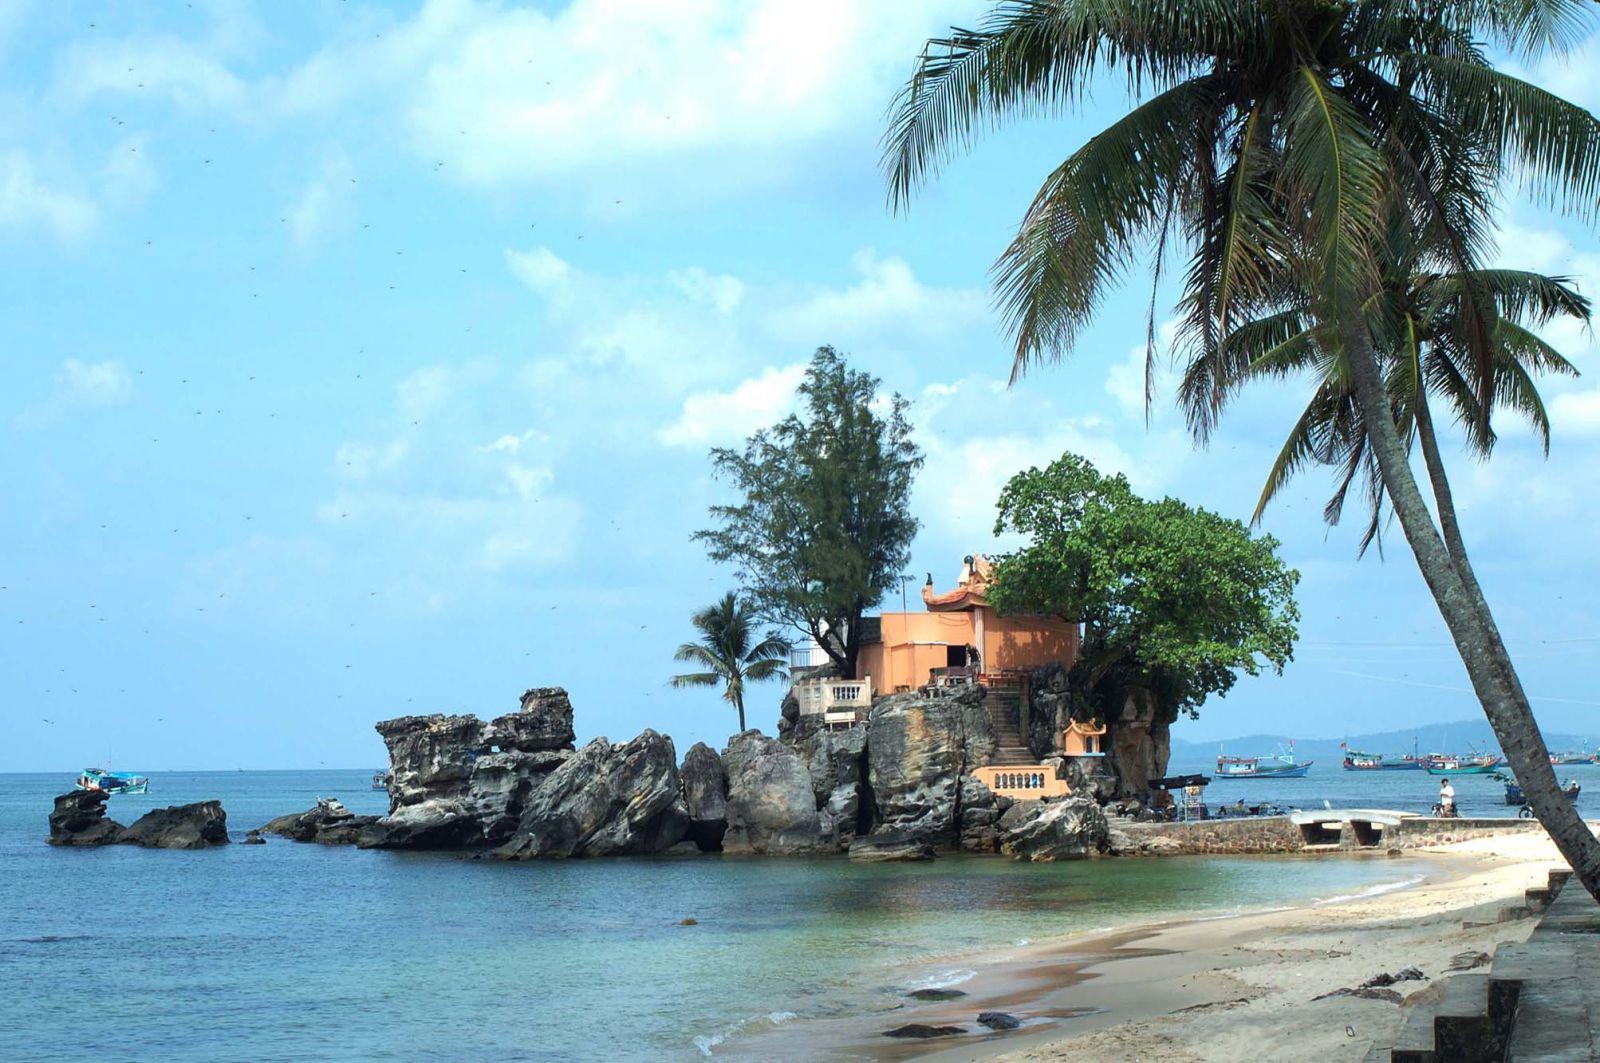 Ảnh Dinh Cậu - Phú Quốc hiền hòa nằm giữa biển khơi